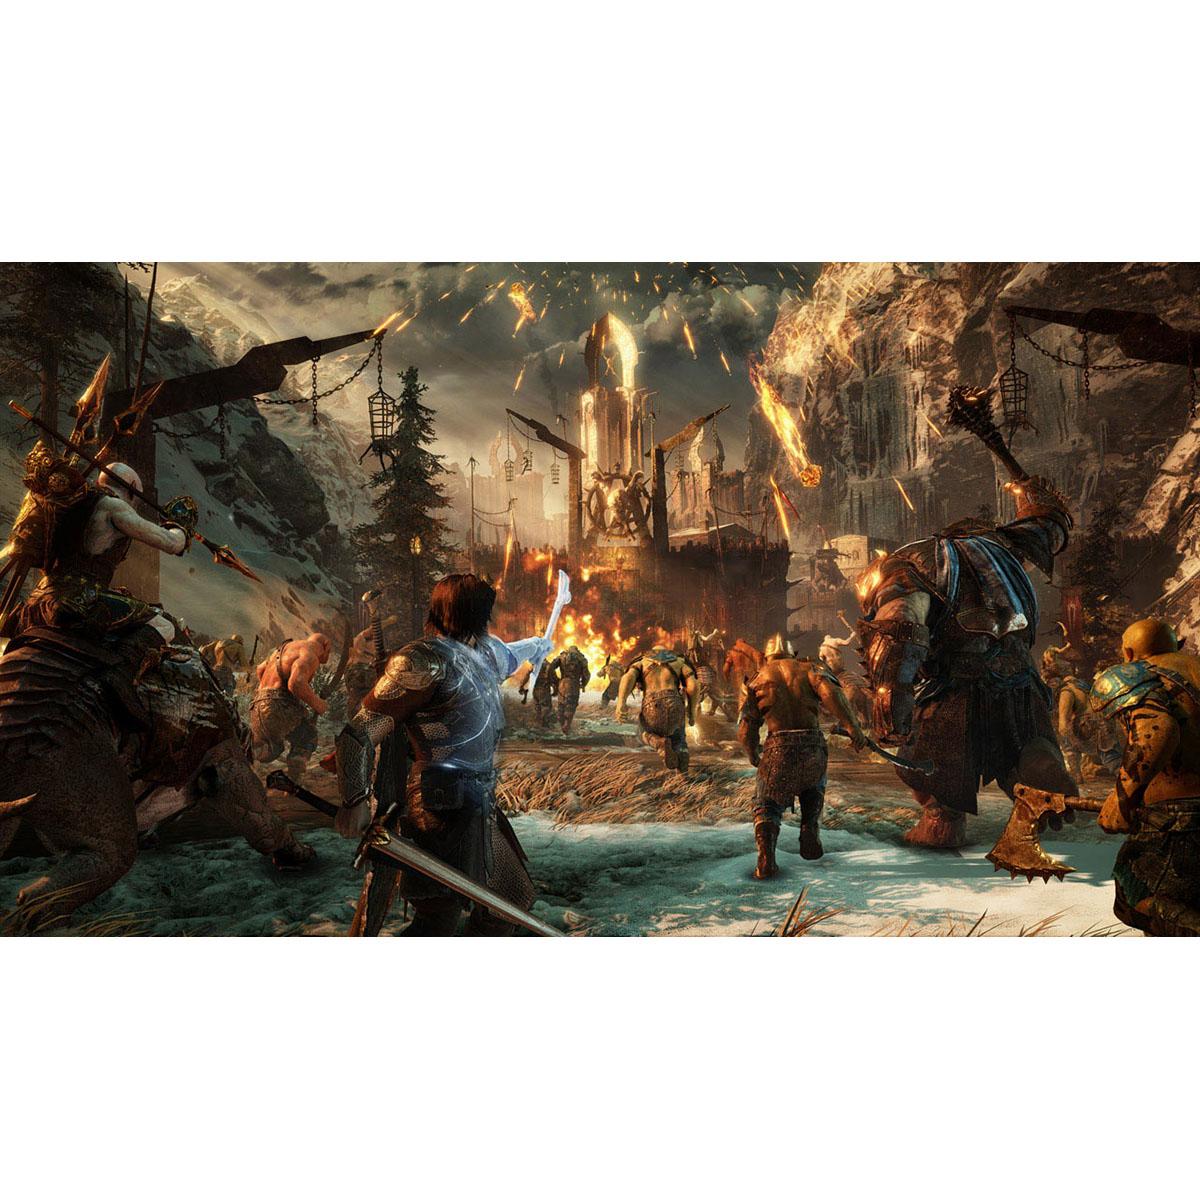 Terra Média: Sombras da Guerra Definitive Edition - PS4